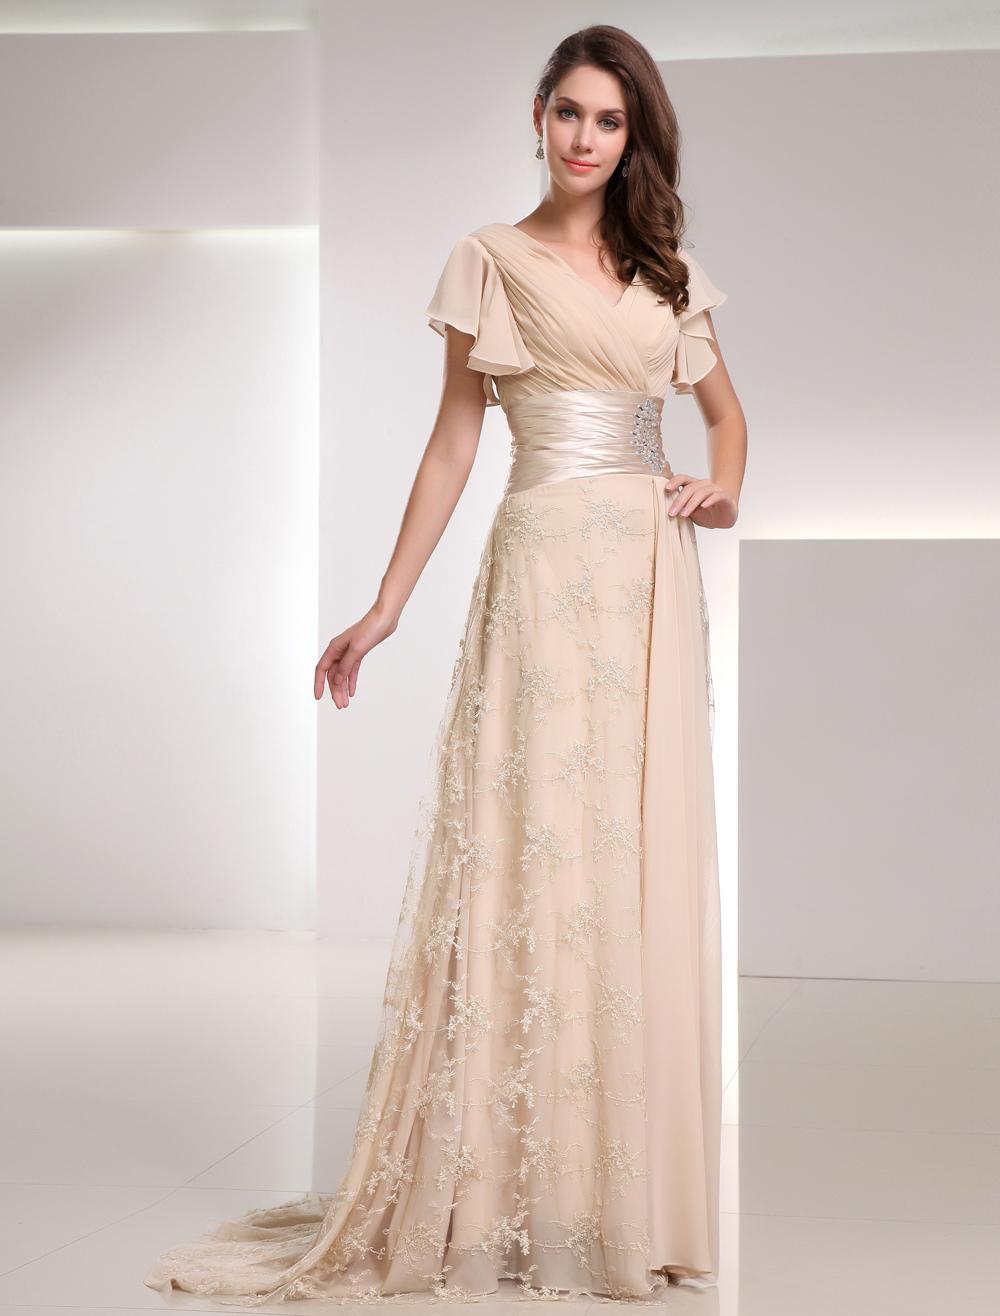 Champagne Evening Dress Sash Ruched Rhinestone Lace Chiffon Dress